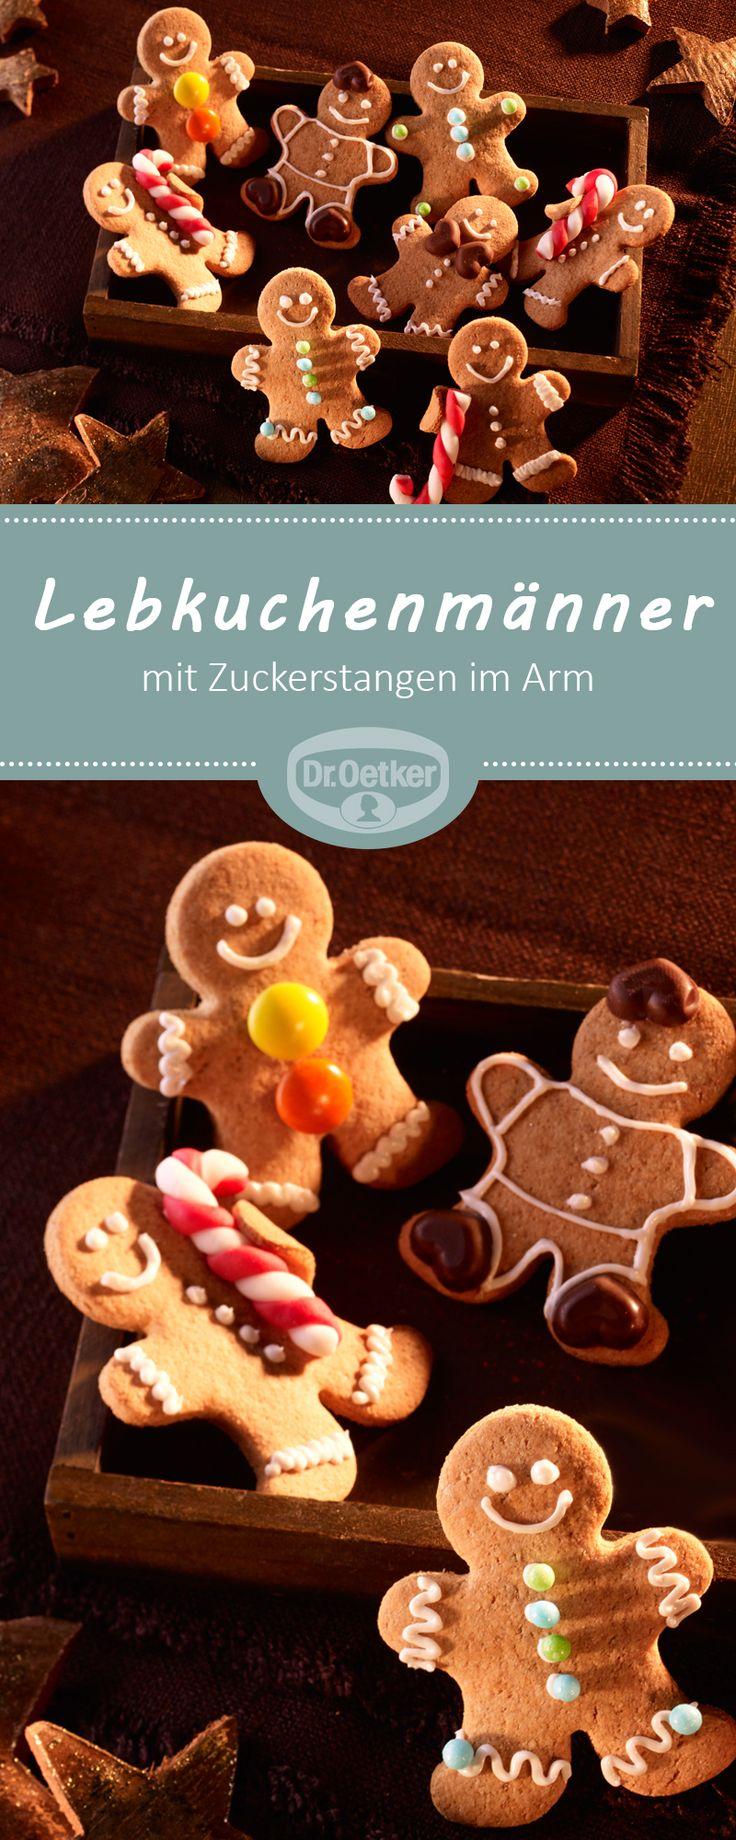 Lebkuchenmänner: Niedliche Lebkuchenmänner mit Zuckerstangen im Arm